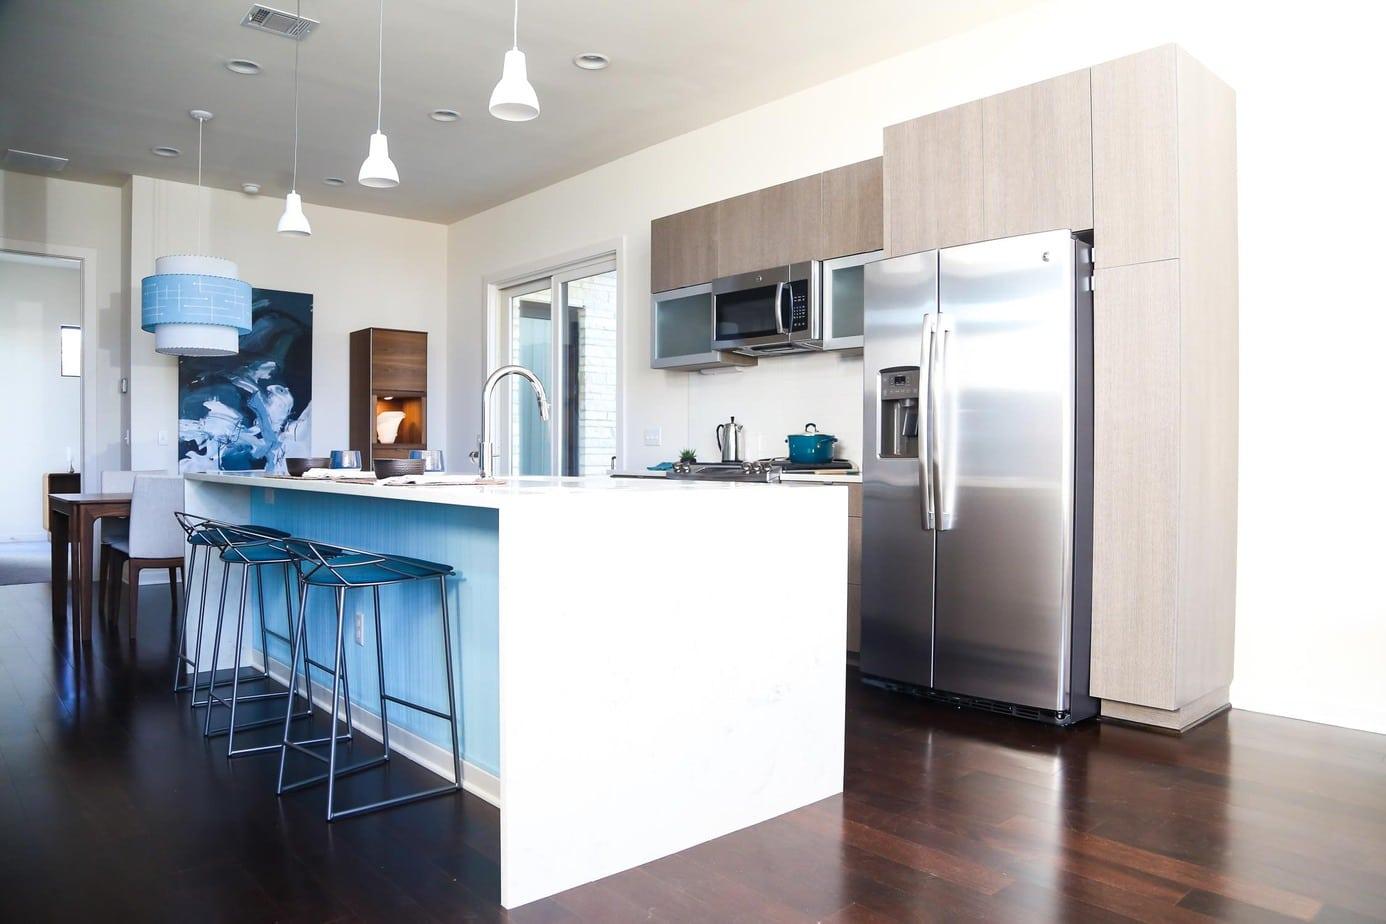 Starlight Village Homes - midcentury modern kitchen design